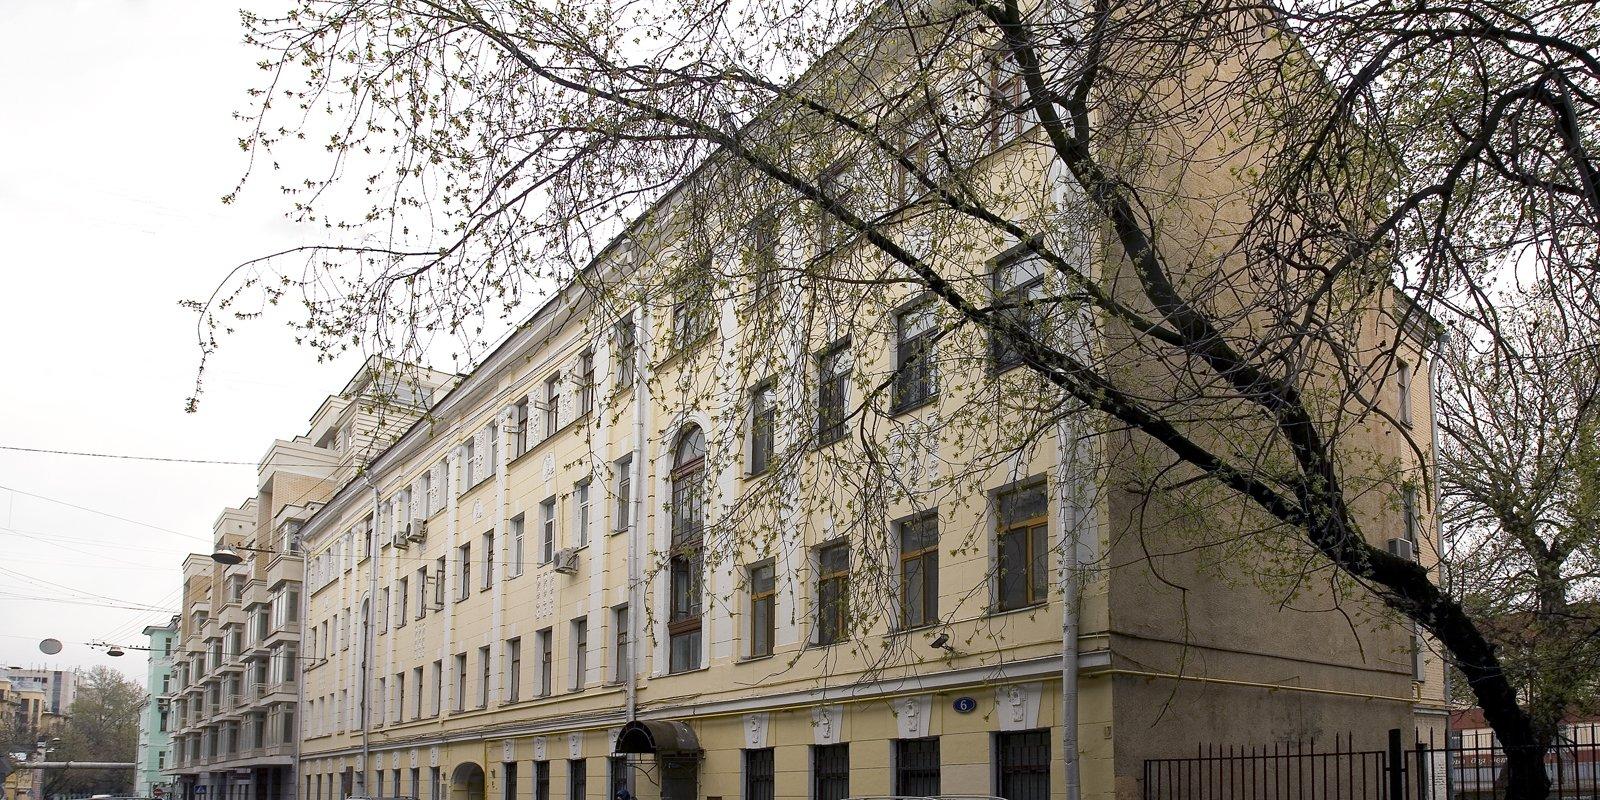 Квартира с видом на московский дворик: Мемориальный музей Аполлинария Васнецова отреставрируют